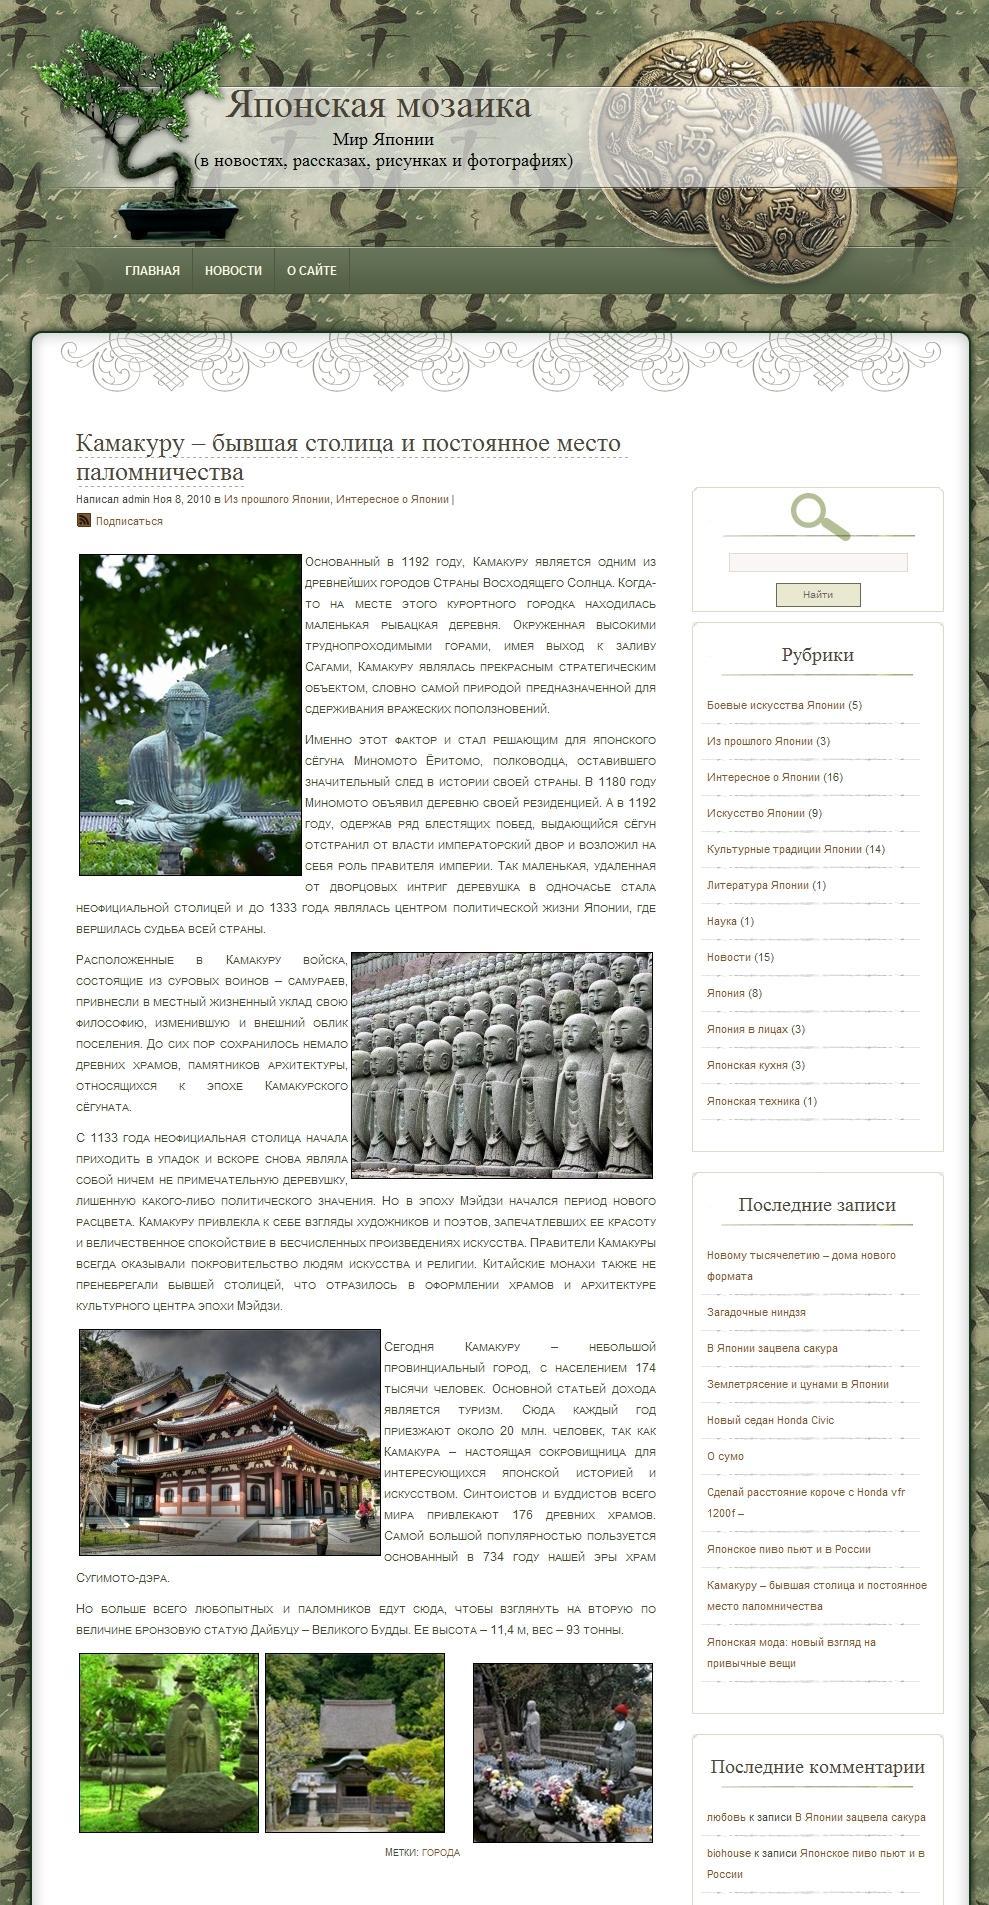 Камакуру – бывшая столица и постоянное место паломничества